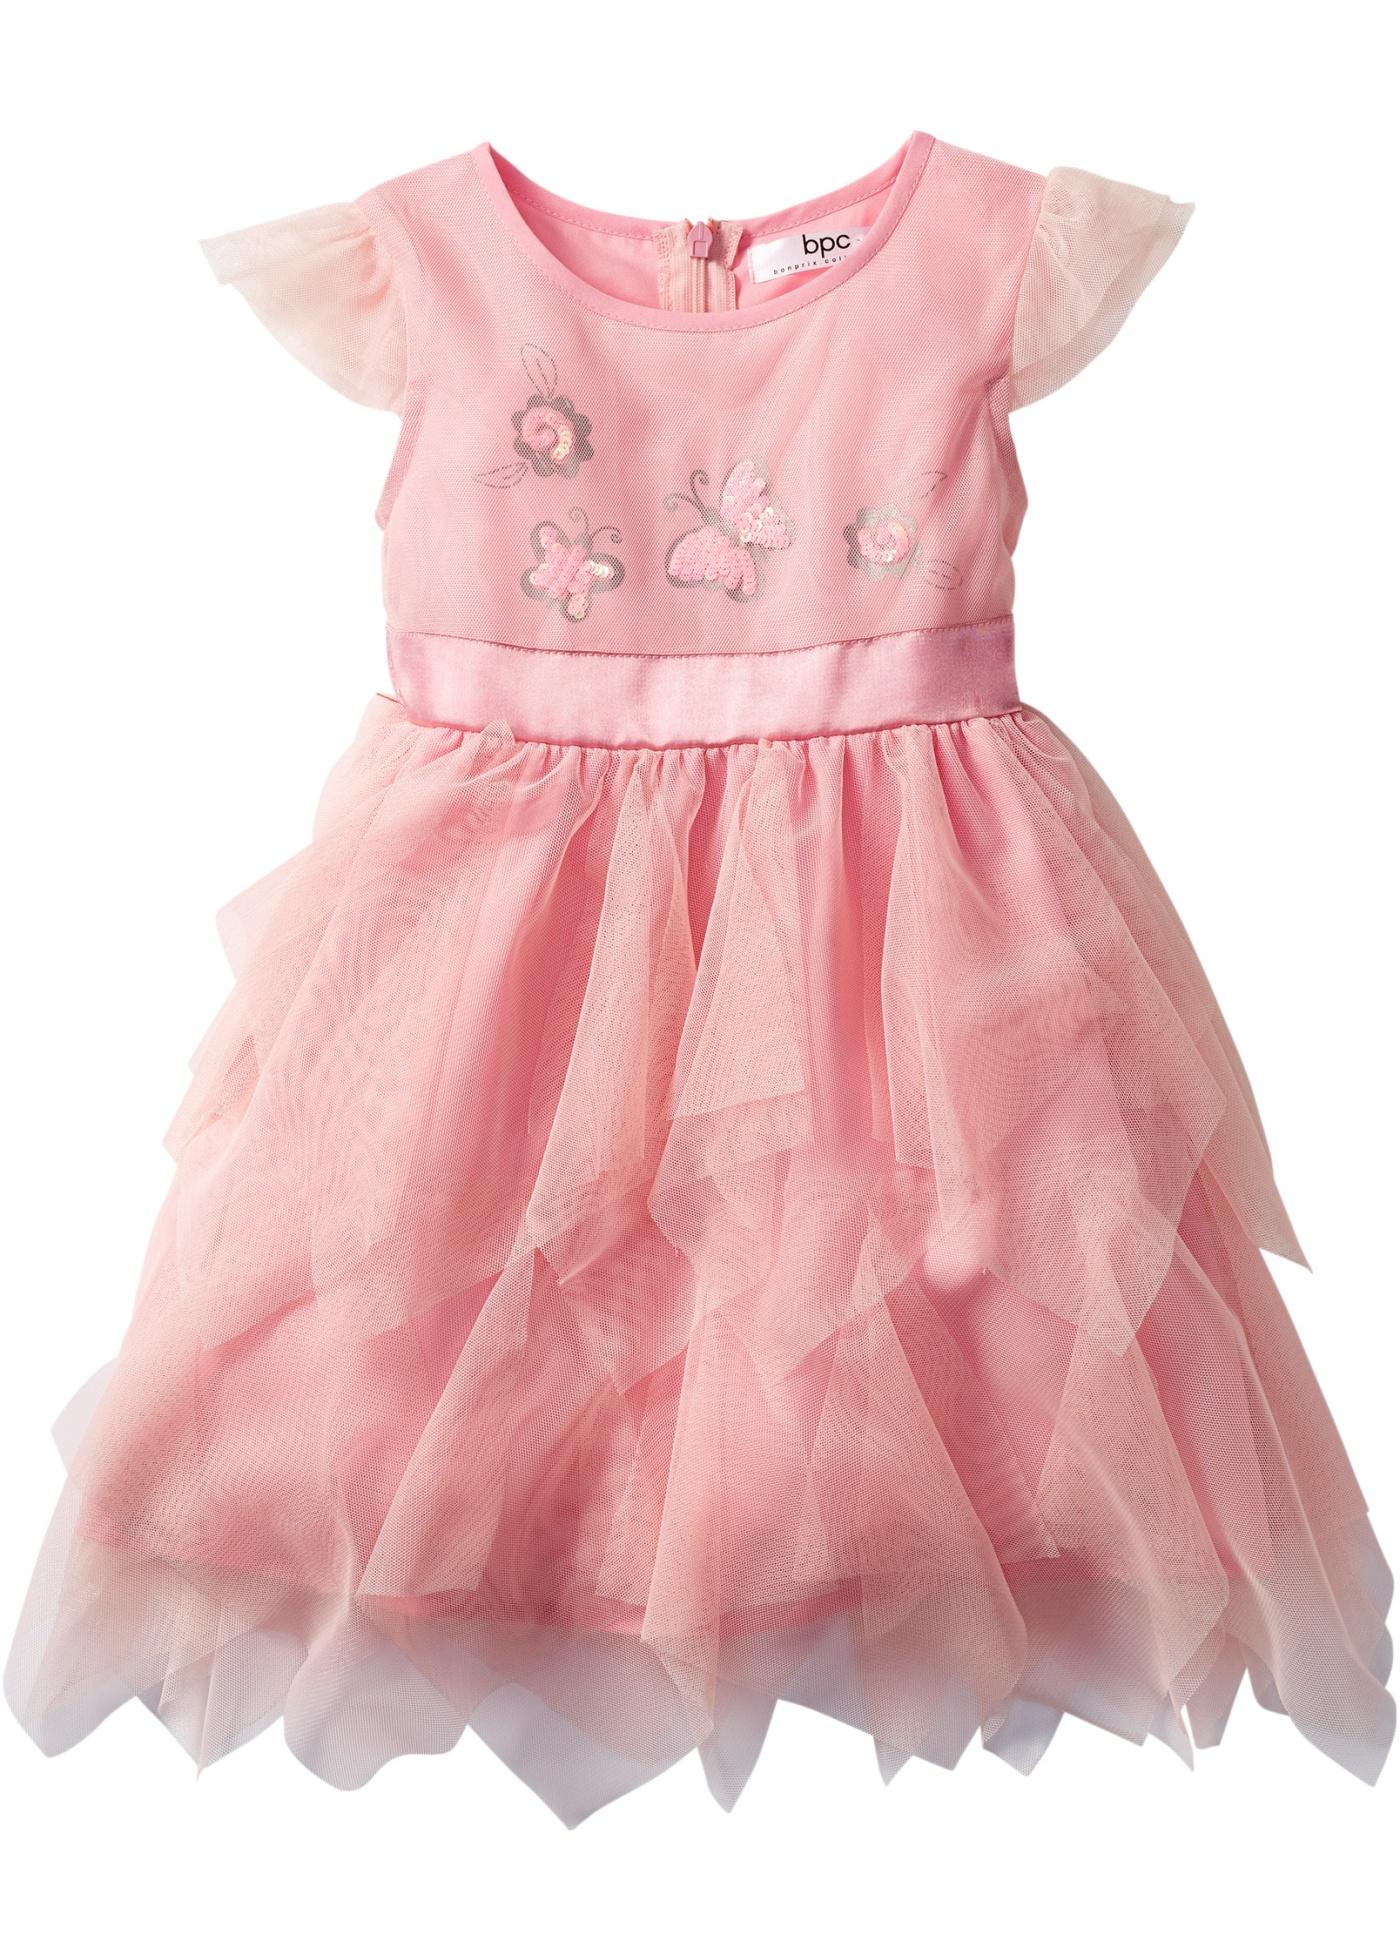 bpc bonprix collection Kleid in rosa von bonprix Kindermode > Mädchen > Minis 80-134 cm > Mädchen Kleider > Kleider